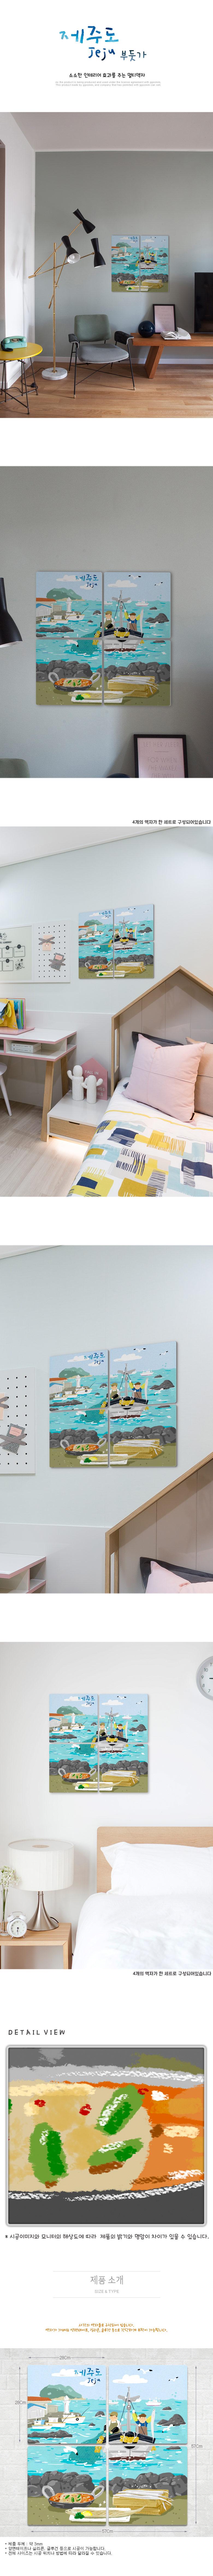 멀티액자_제주도부둣가 - 꾸밈, 36,000원, 홈갤러리, 사진아트